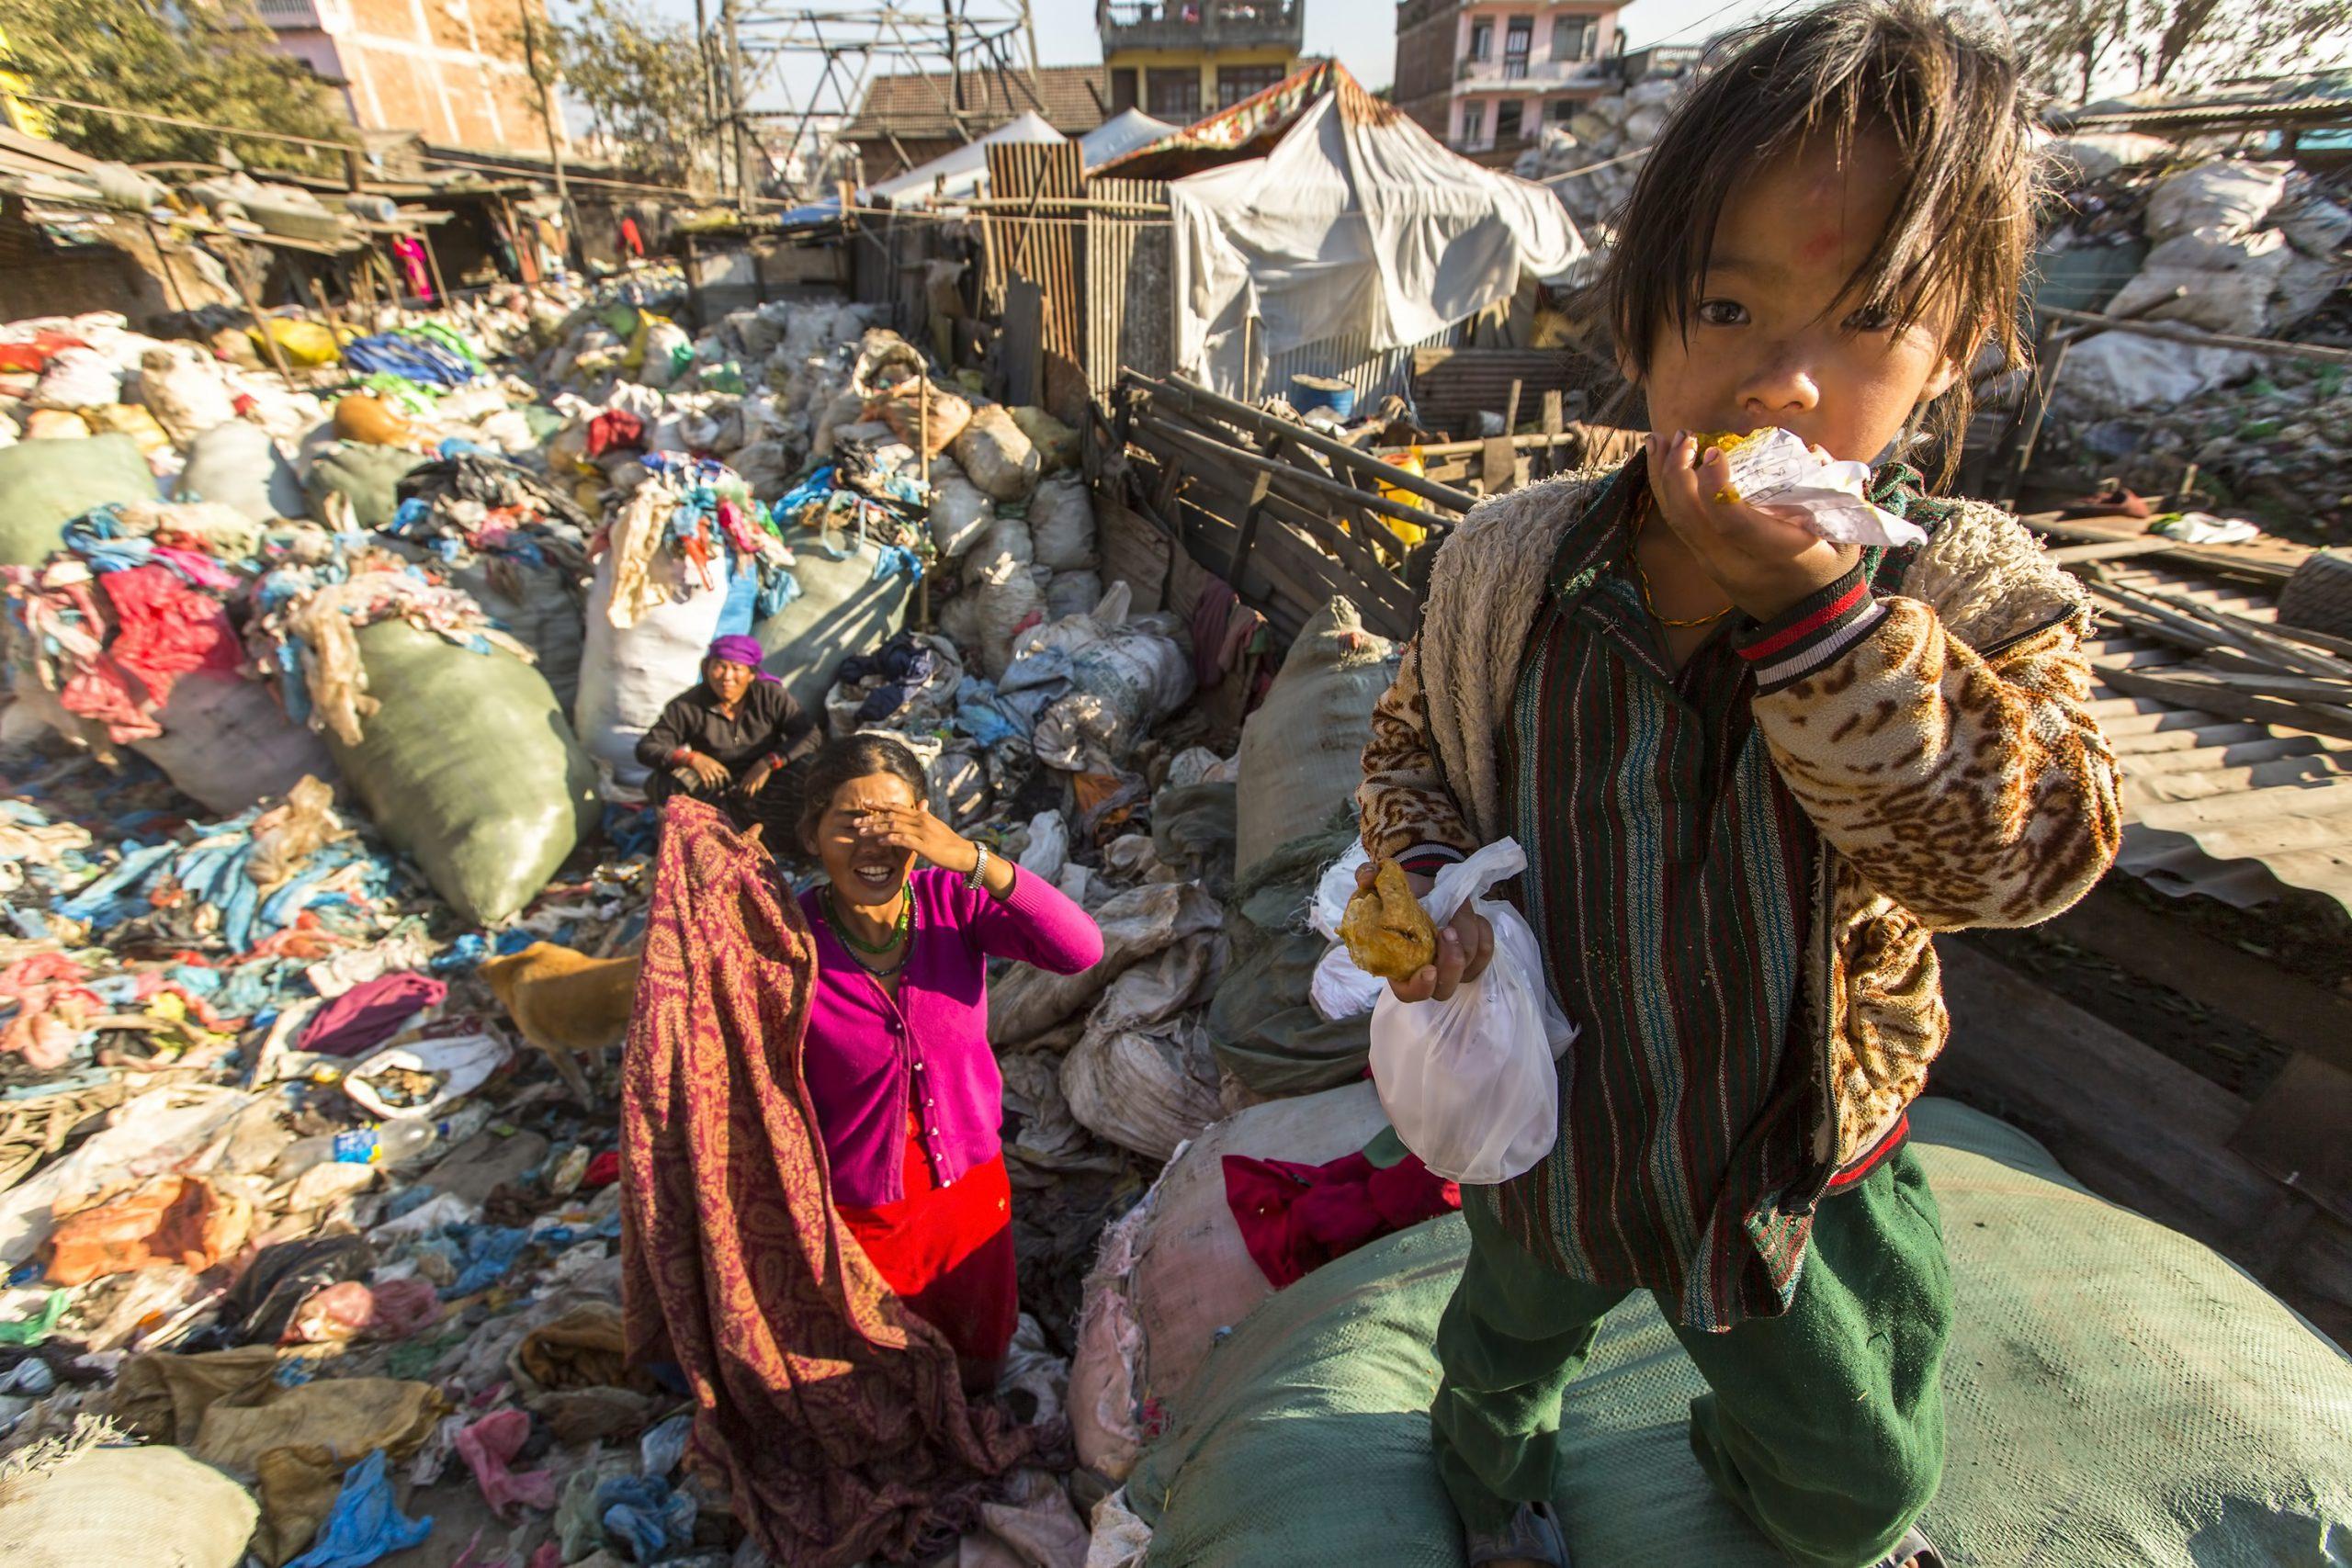 કોરોનાને કારણે 15 થી 17.5 કરોડ લોકો અત્યંત ગરીબીની ચપેટમાં આવશે: UN નિષ્ણાંત